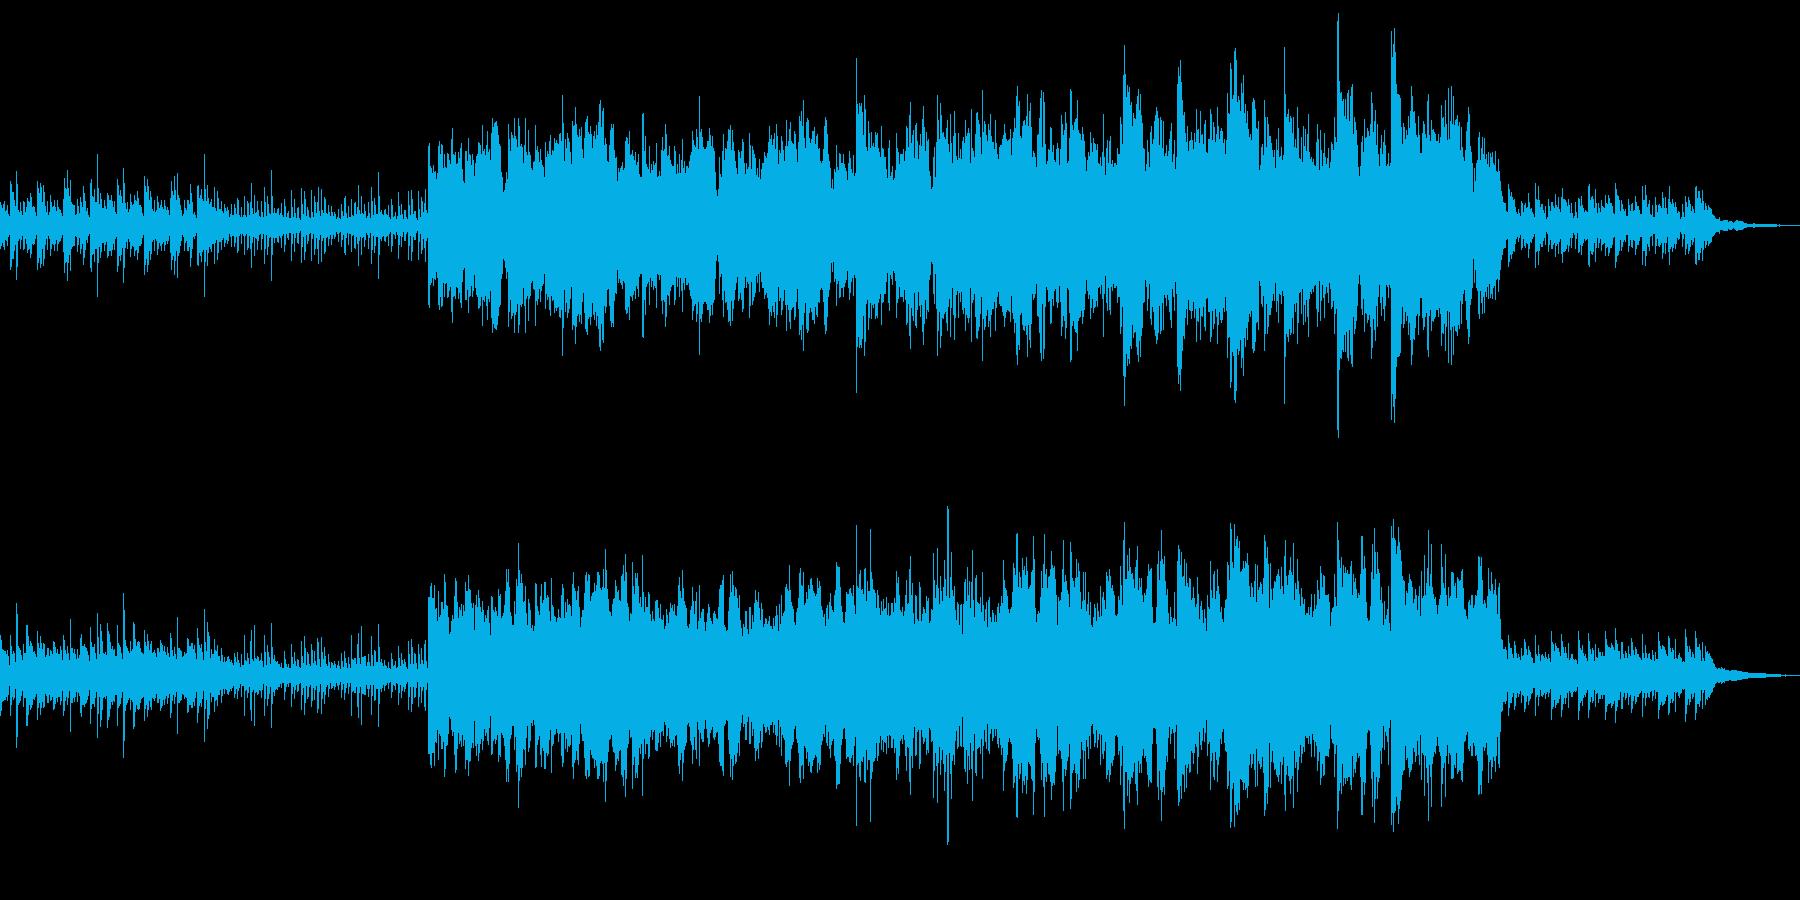 ホラー9の再生済みの波形